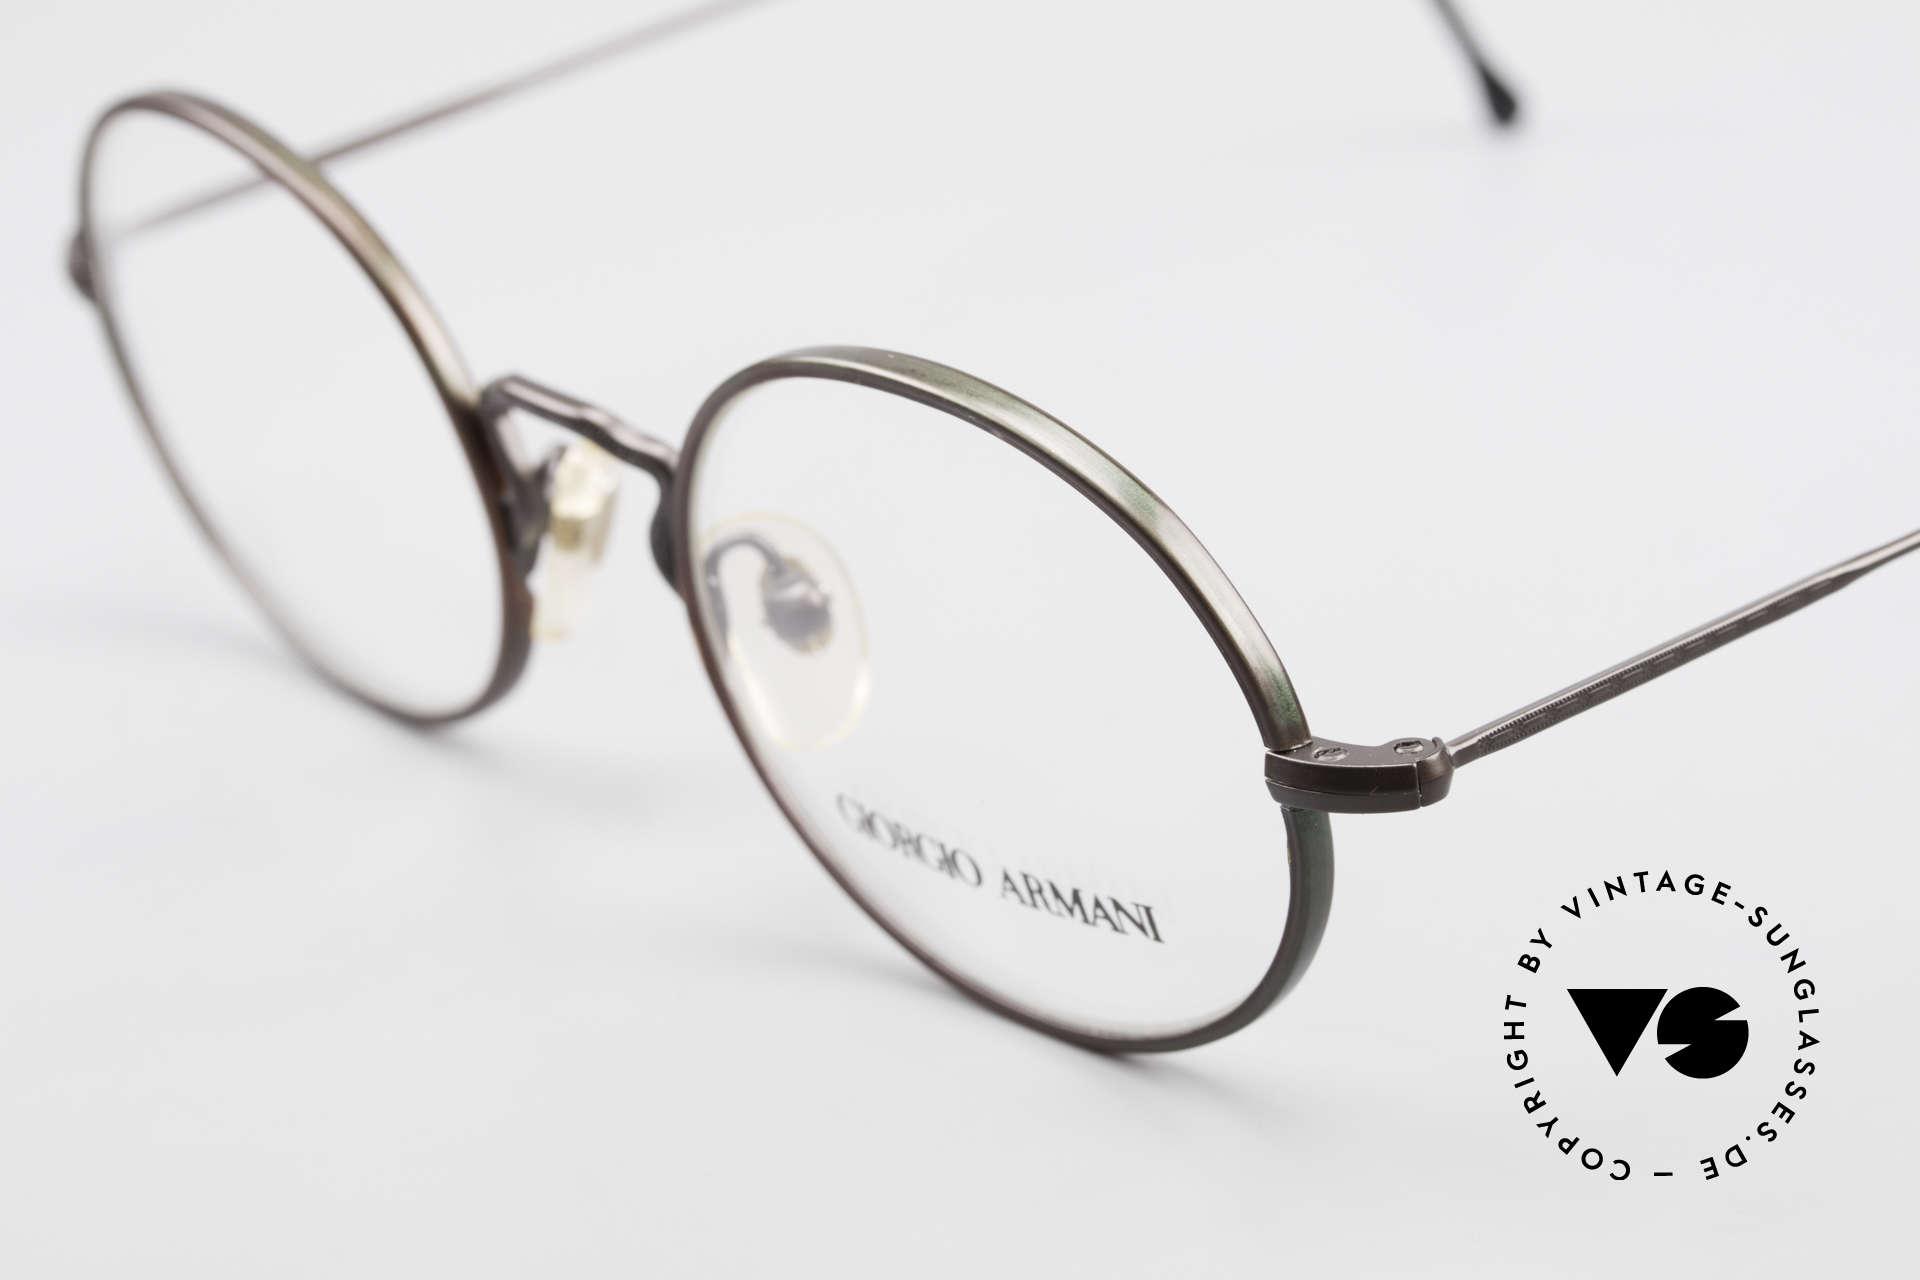 Giorgio Armani 247 Lackierung Glänzt Braun Grün, ungetragen (wie alle unsere alten vintage Brillen), Passend für Herren